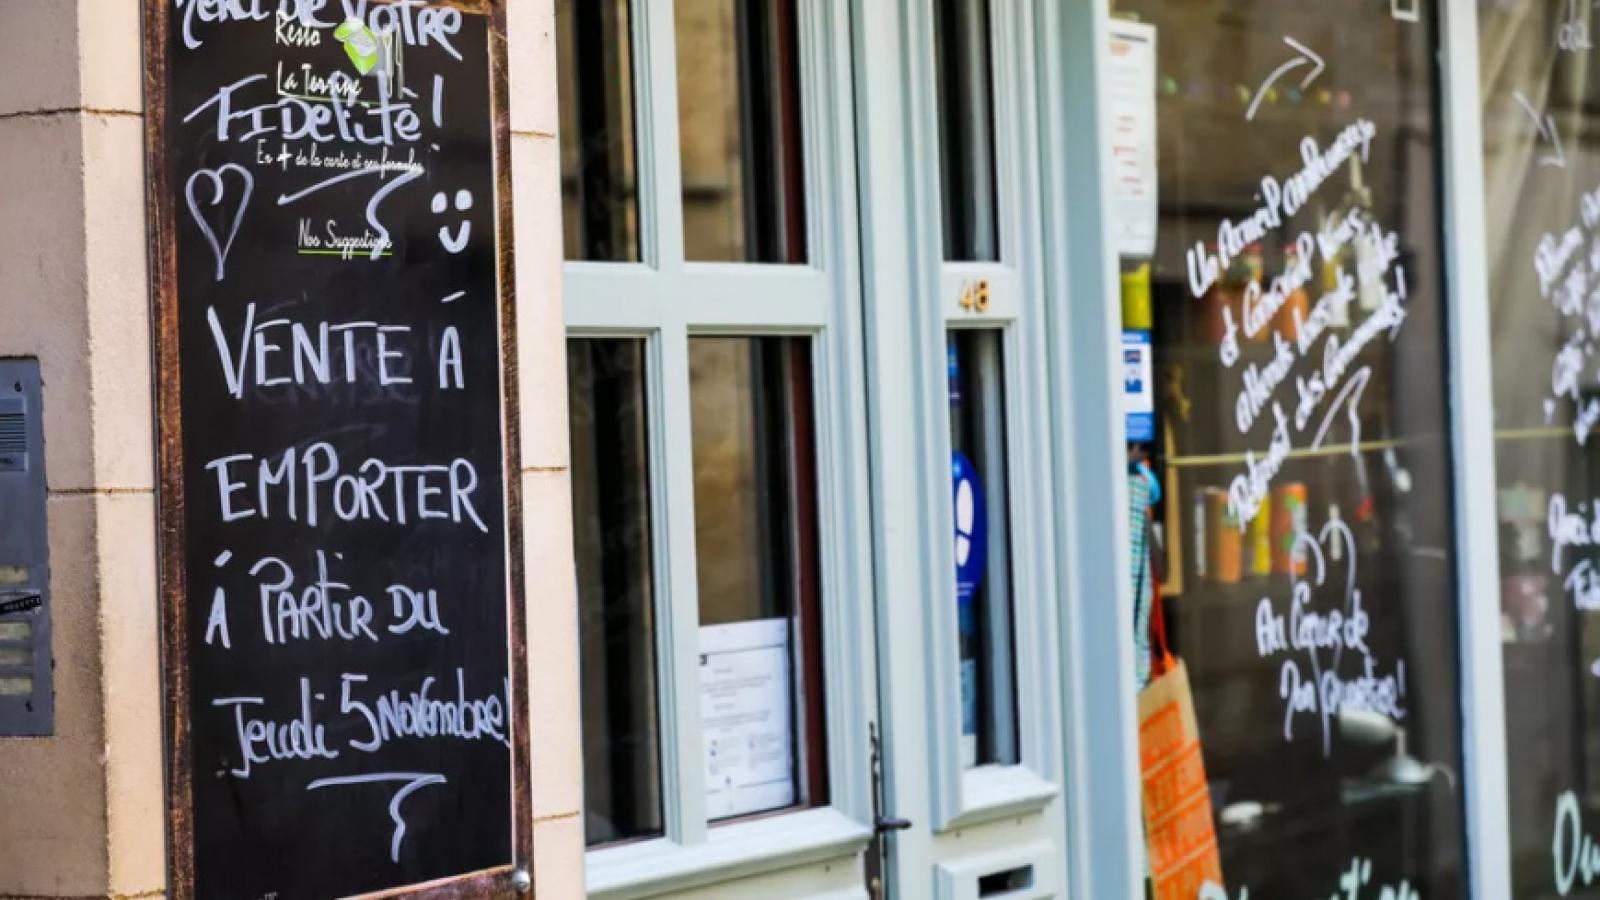 Pháp xử phạt nhiều trường hợp vi phạm quy định phòng chống Covid-19